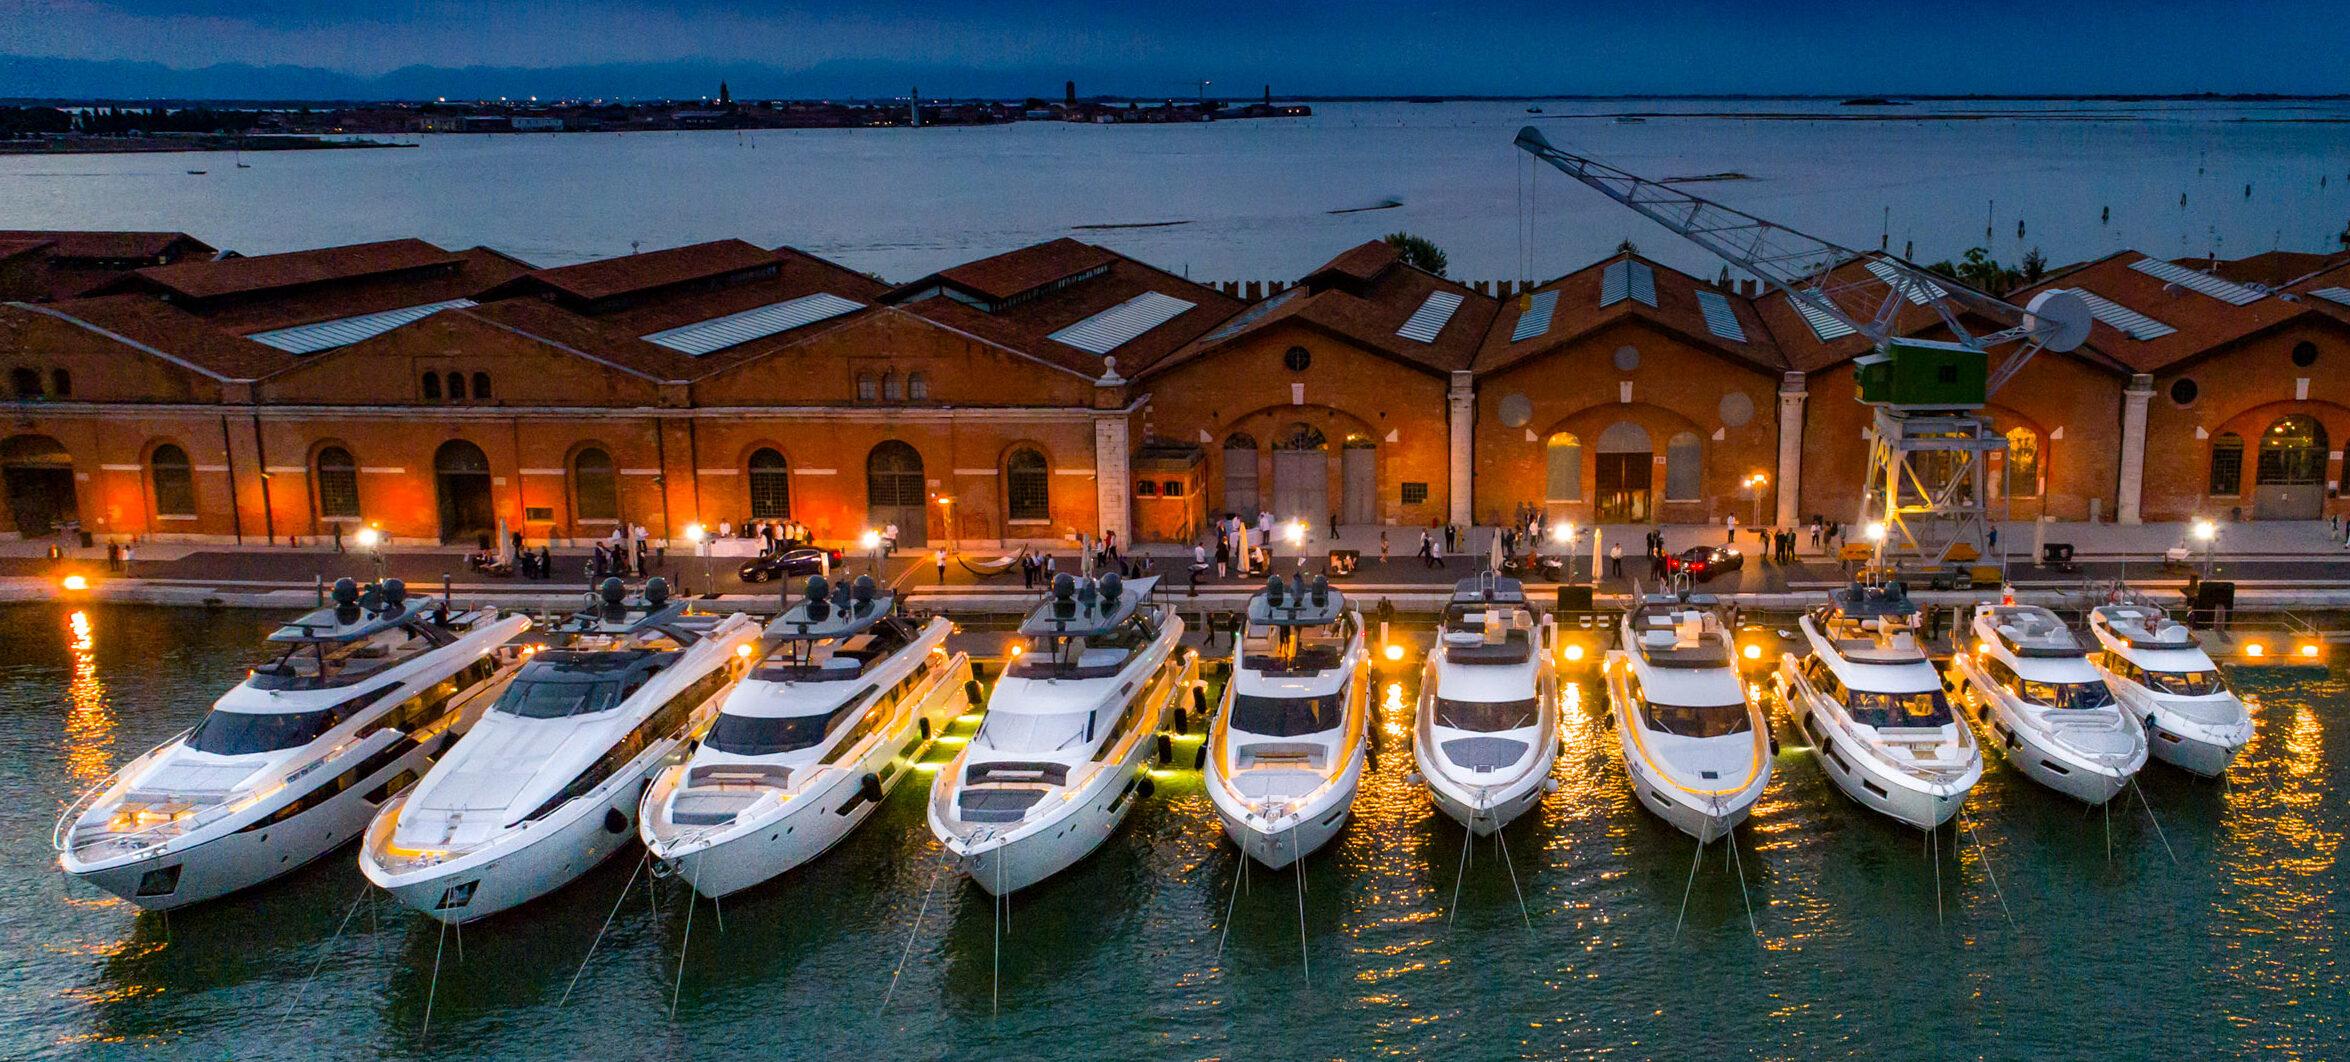 Premiere auf der Venice Boat Show - Sieckmann Yachts